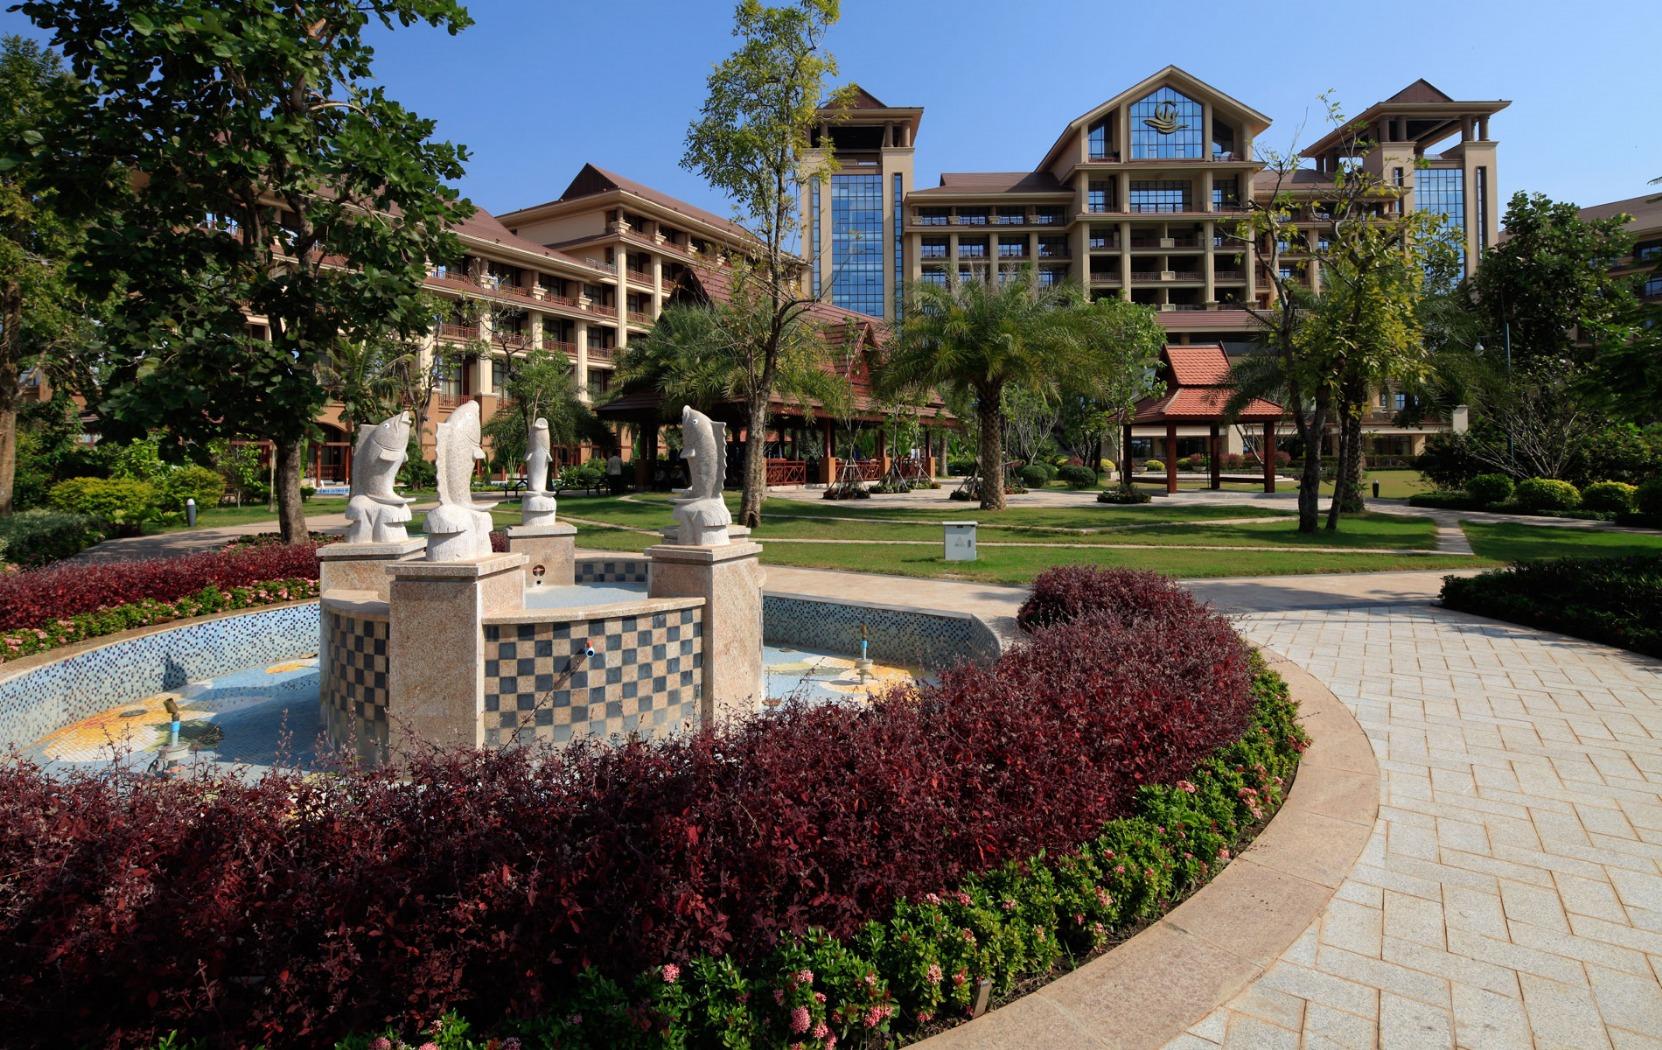 老挝欧亚首脑峰会接待大酒店图片